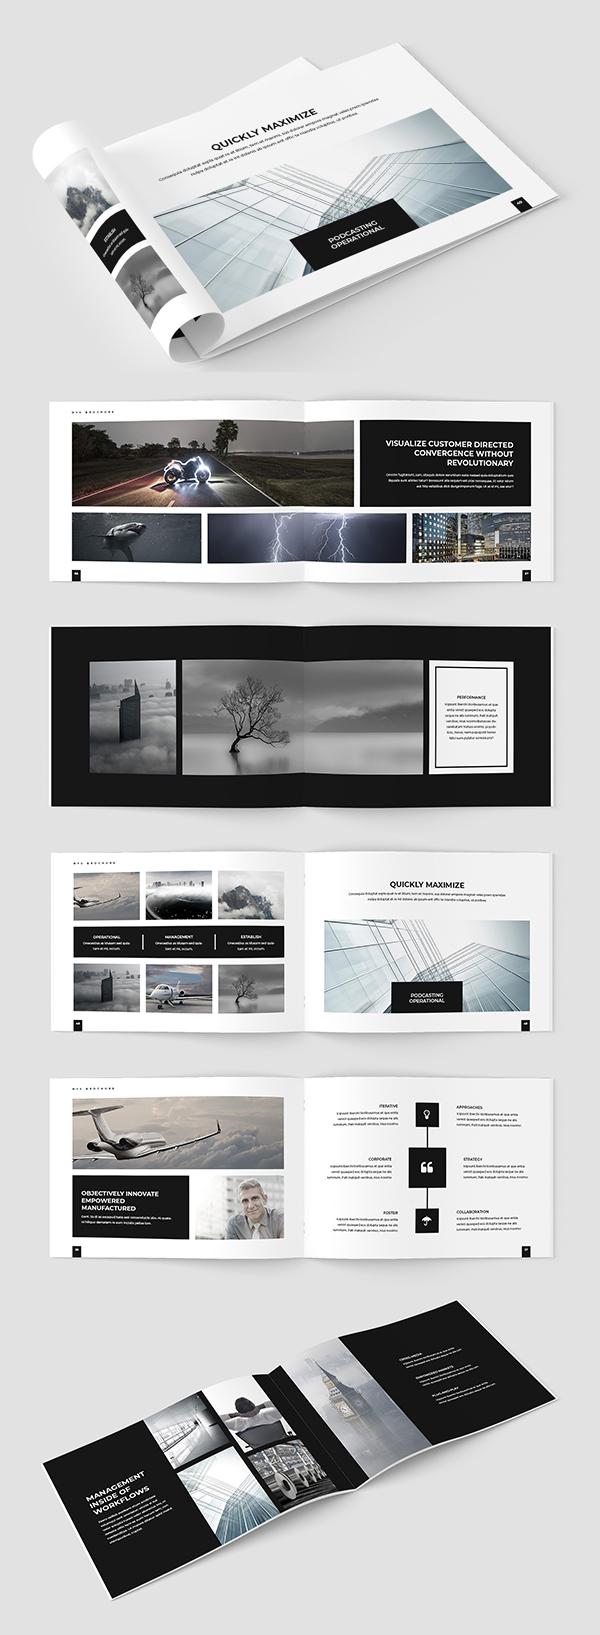 Lujoso Plantilla De Catálogo Adobe Indesign Modelo - Colección De ...